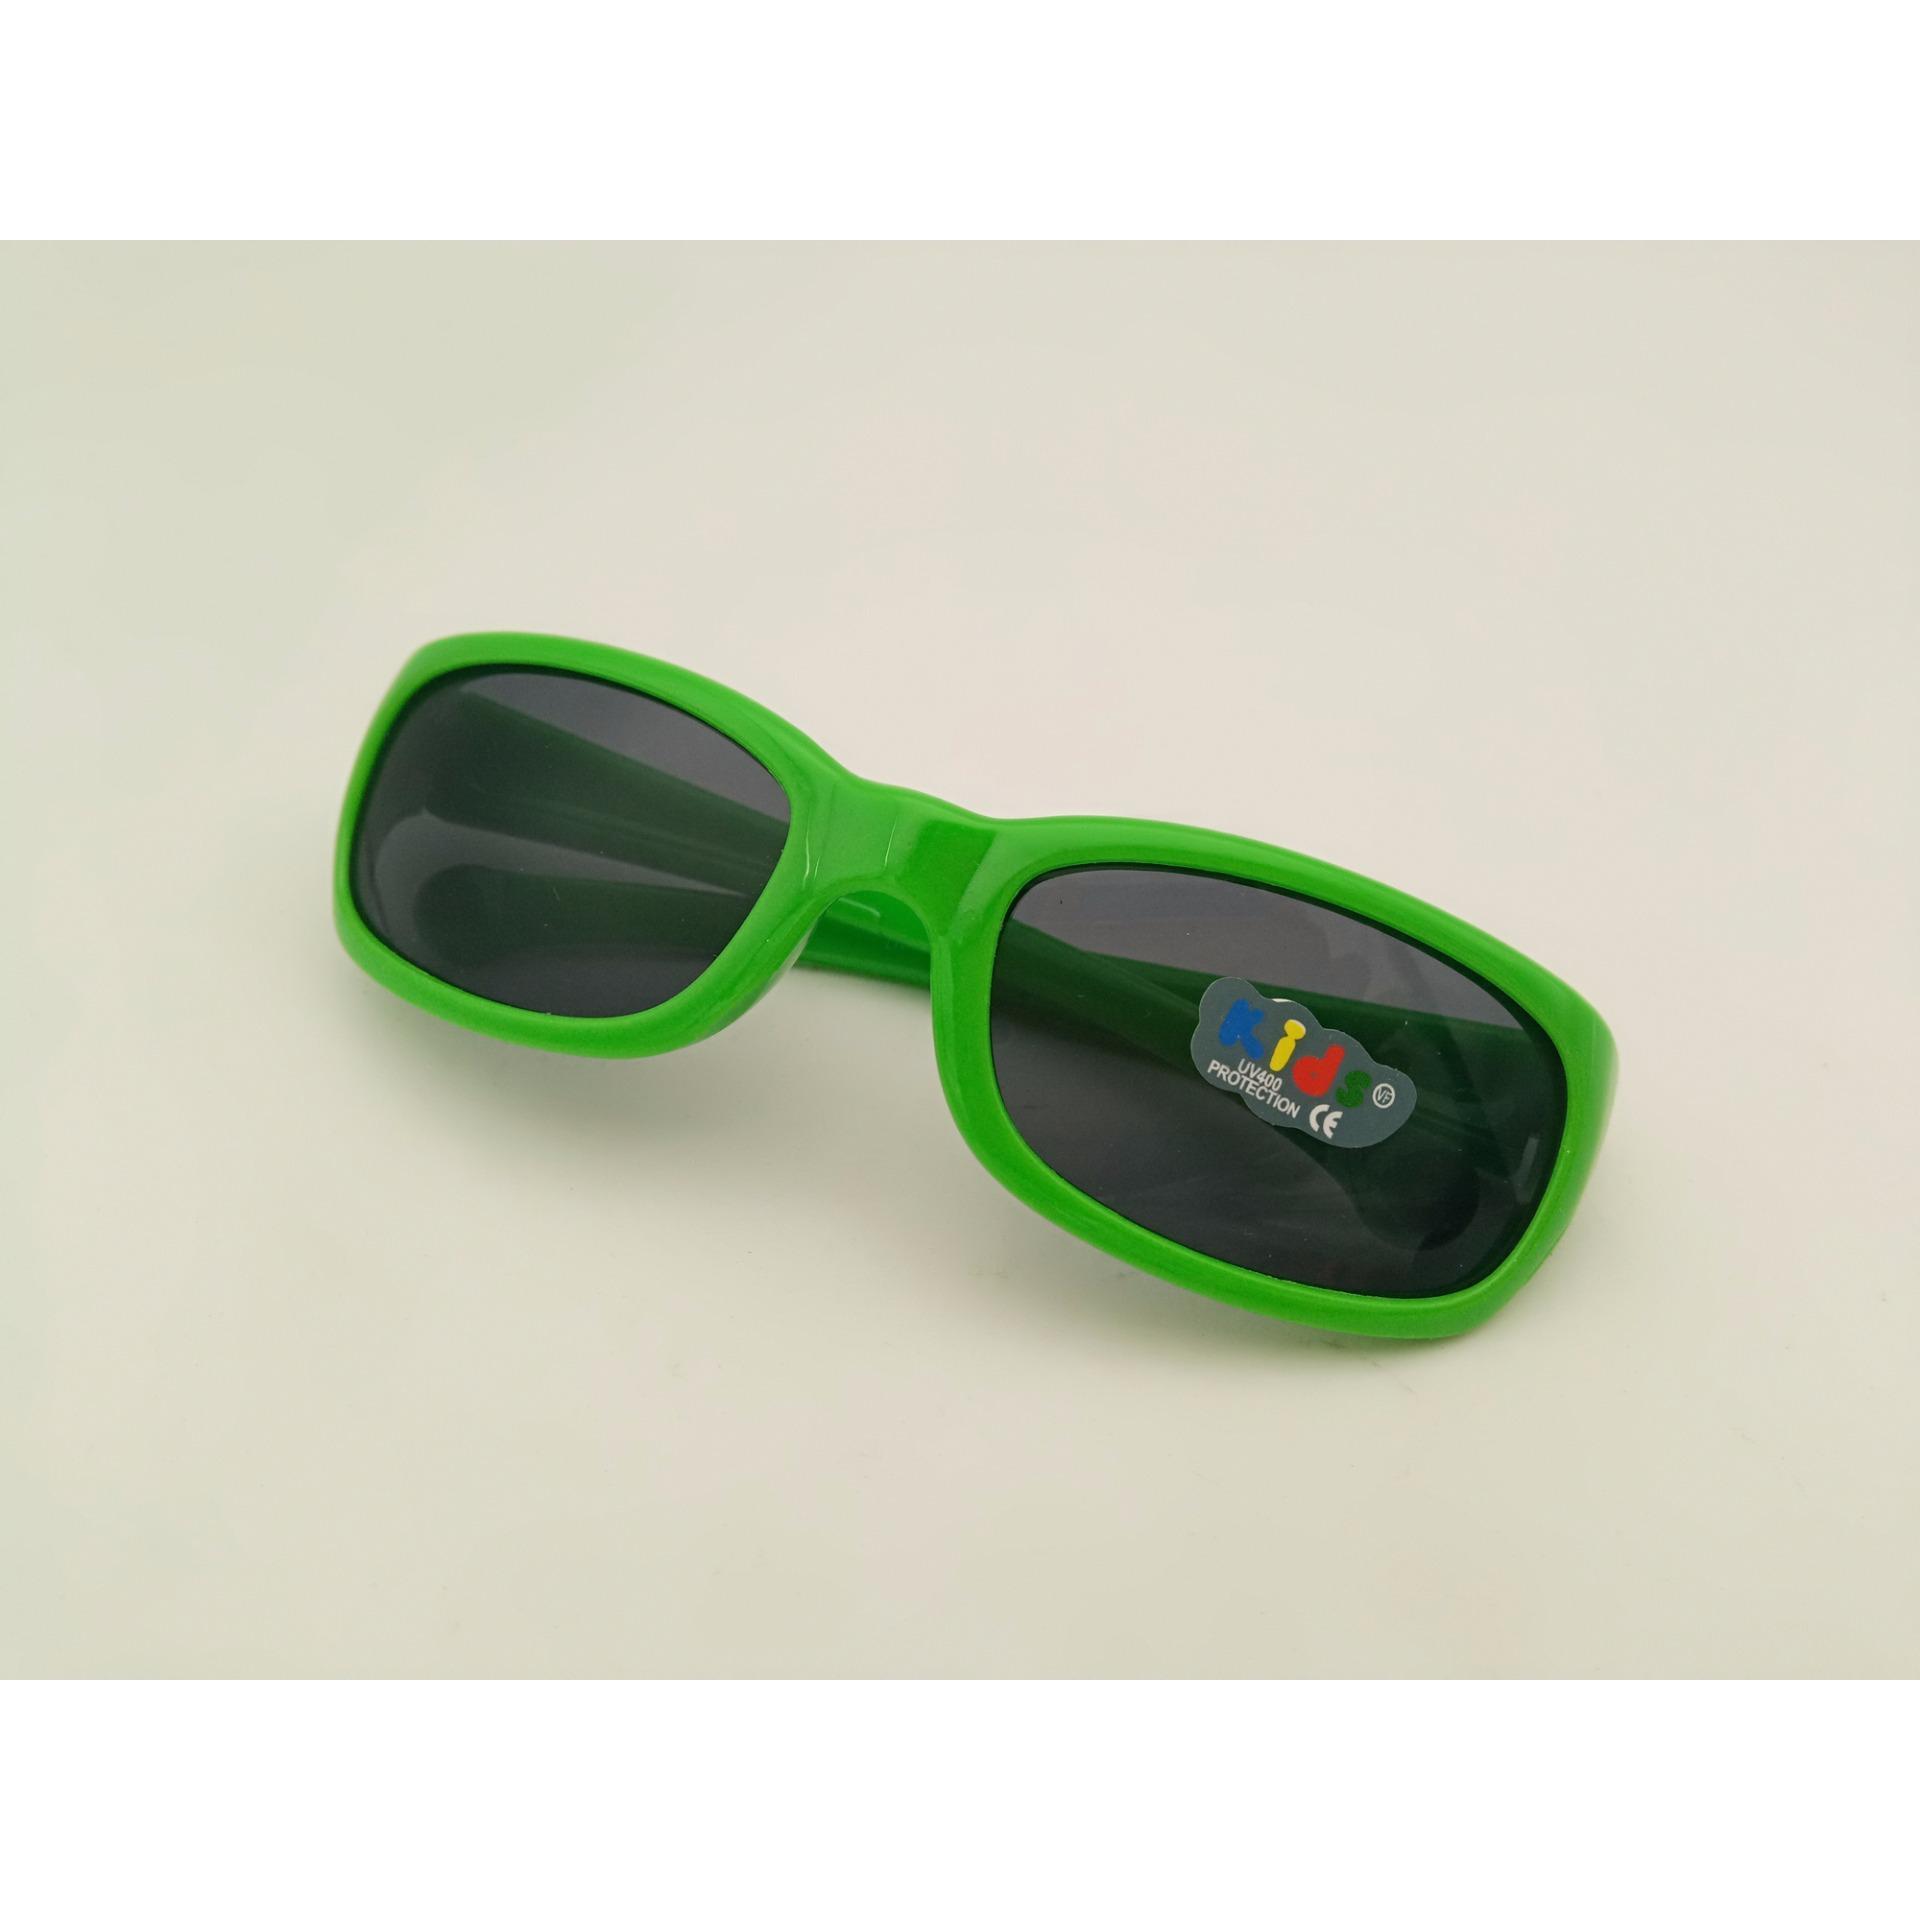 ed29c03399 Kids Children Boys Girls Children Sunglasses UV Protection Comfortable  Wearing LOHO 8065